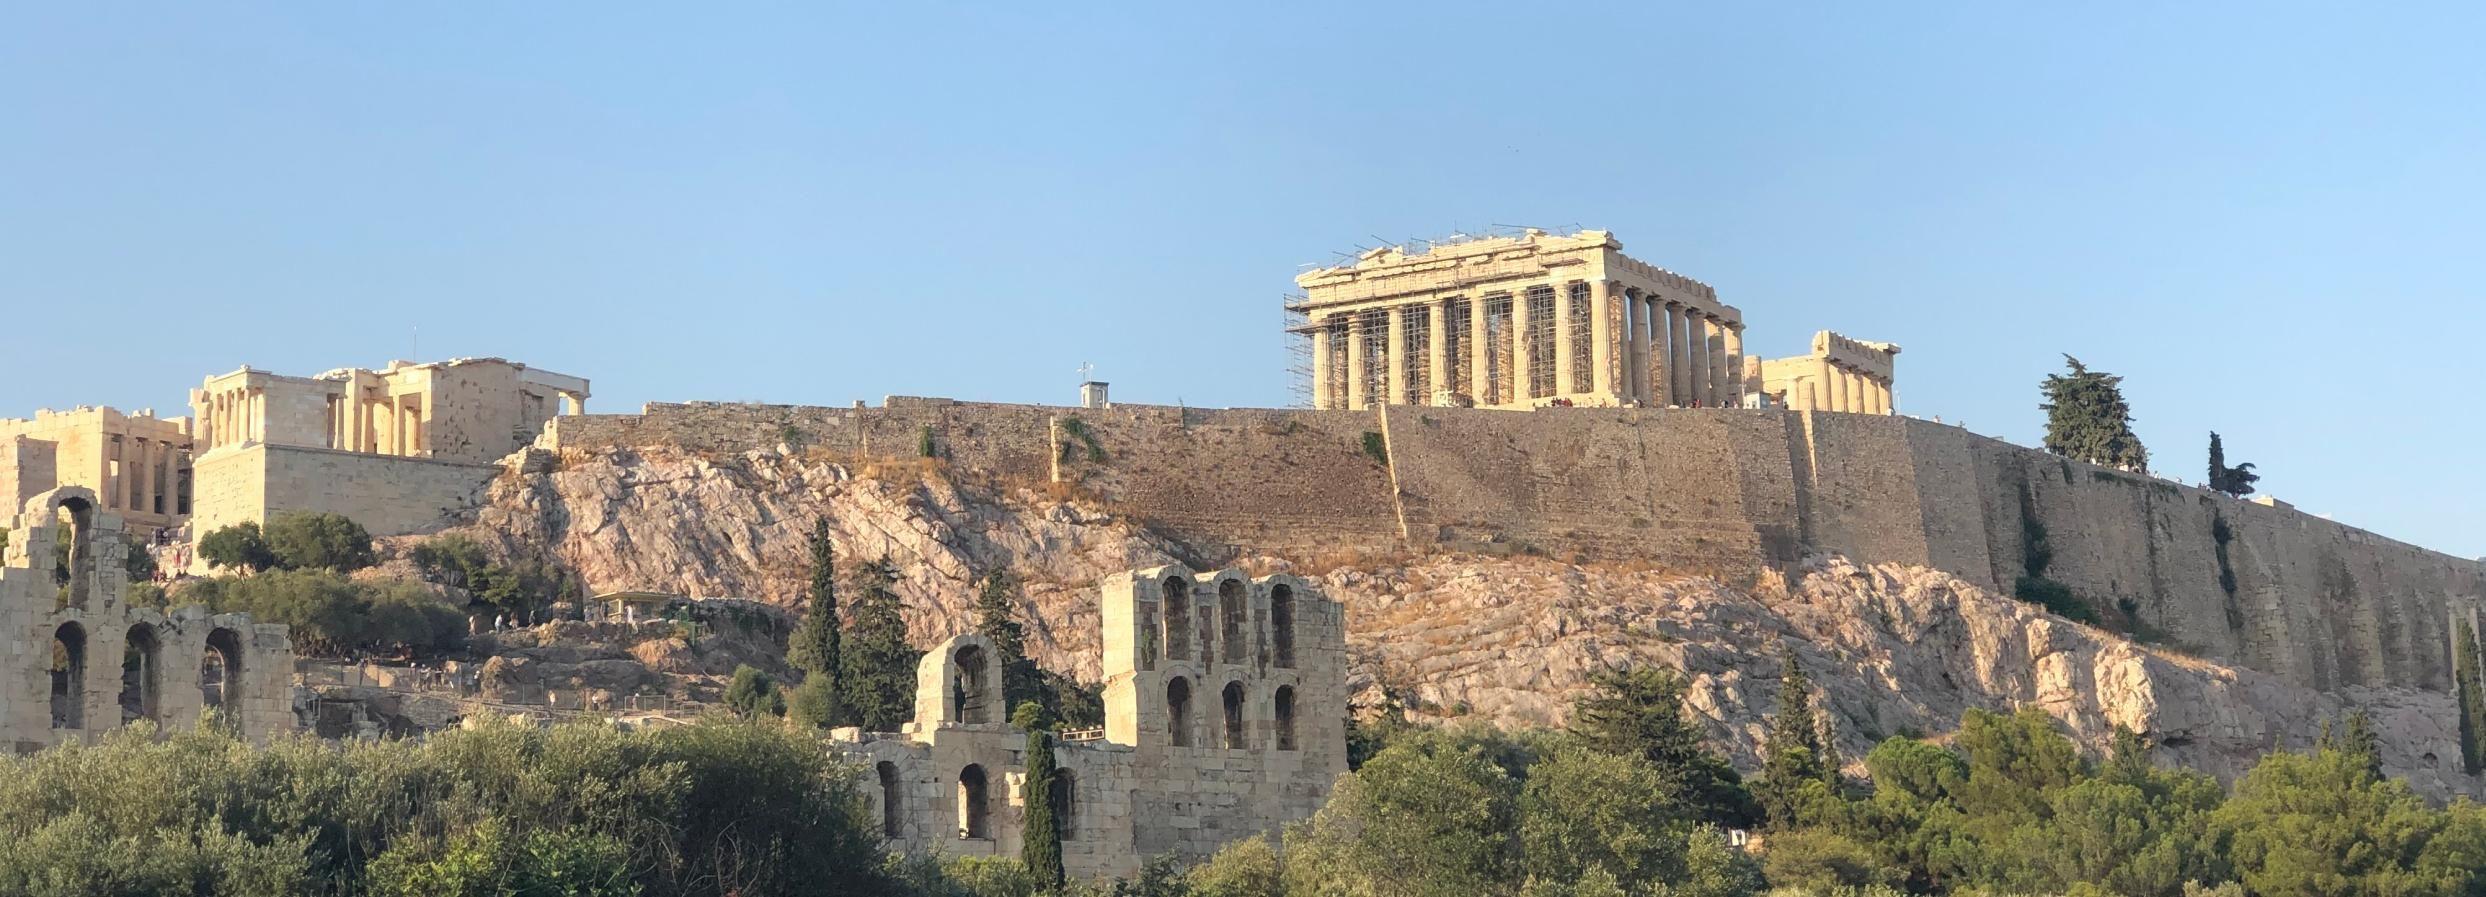 Atenas: City Tour privado de dia inteiro com museus populares